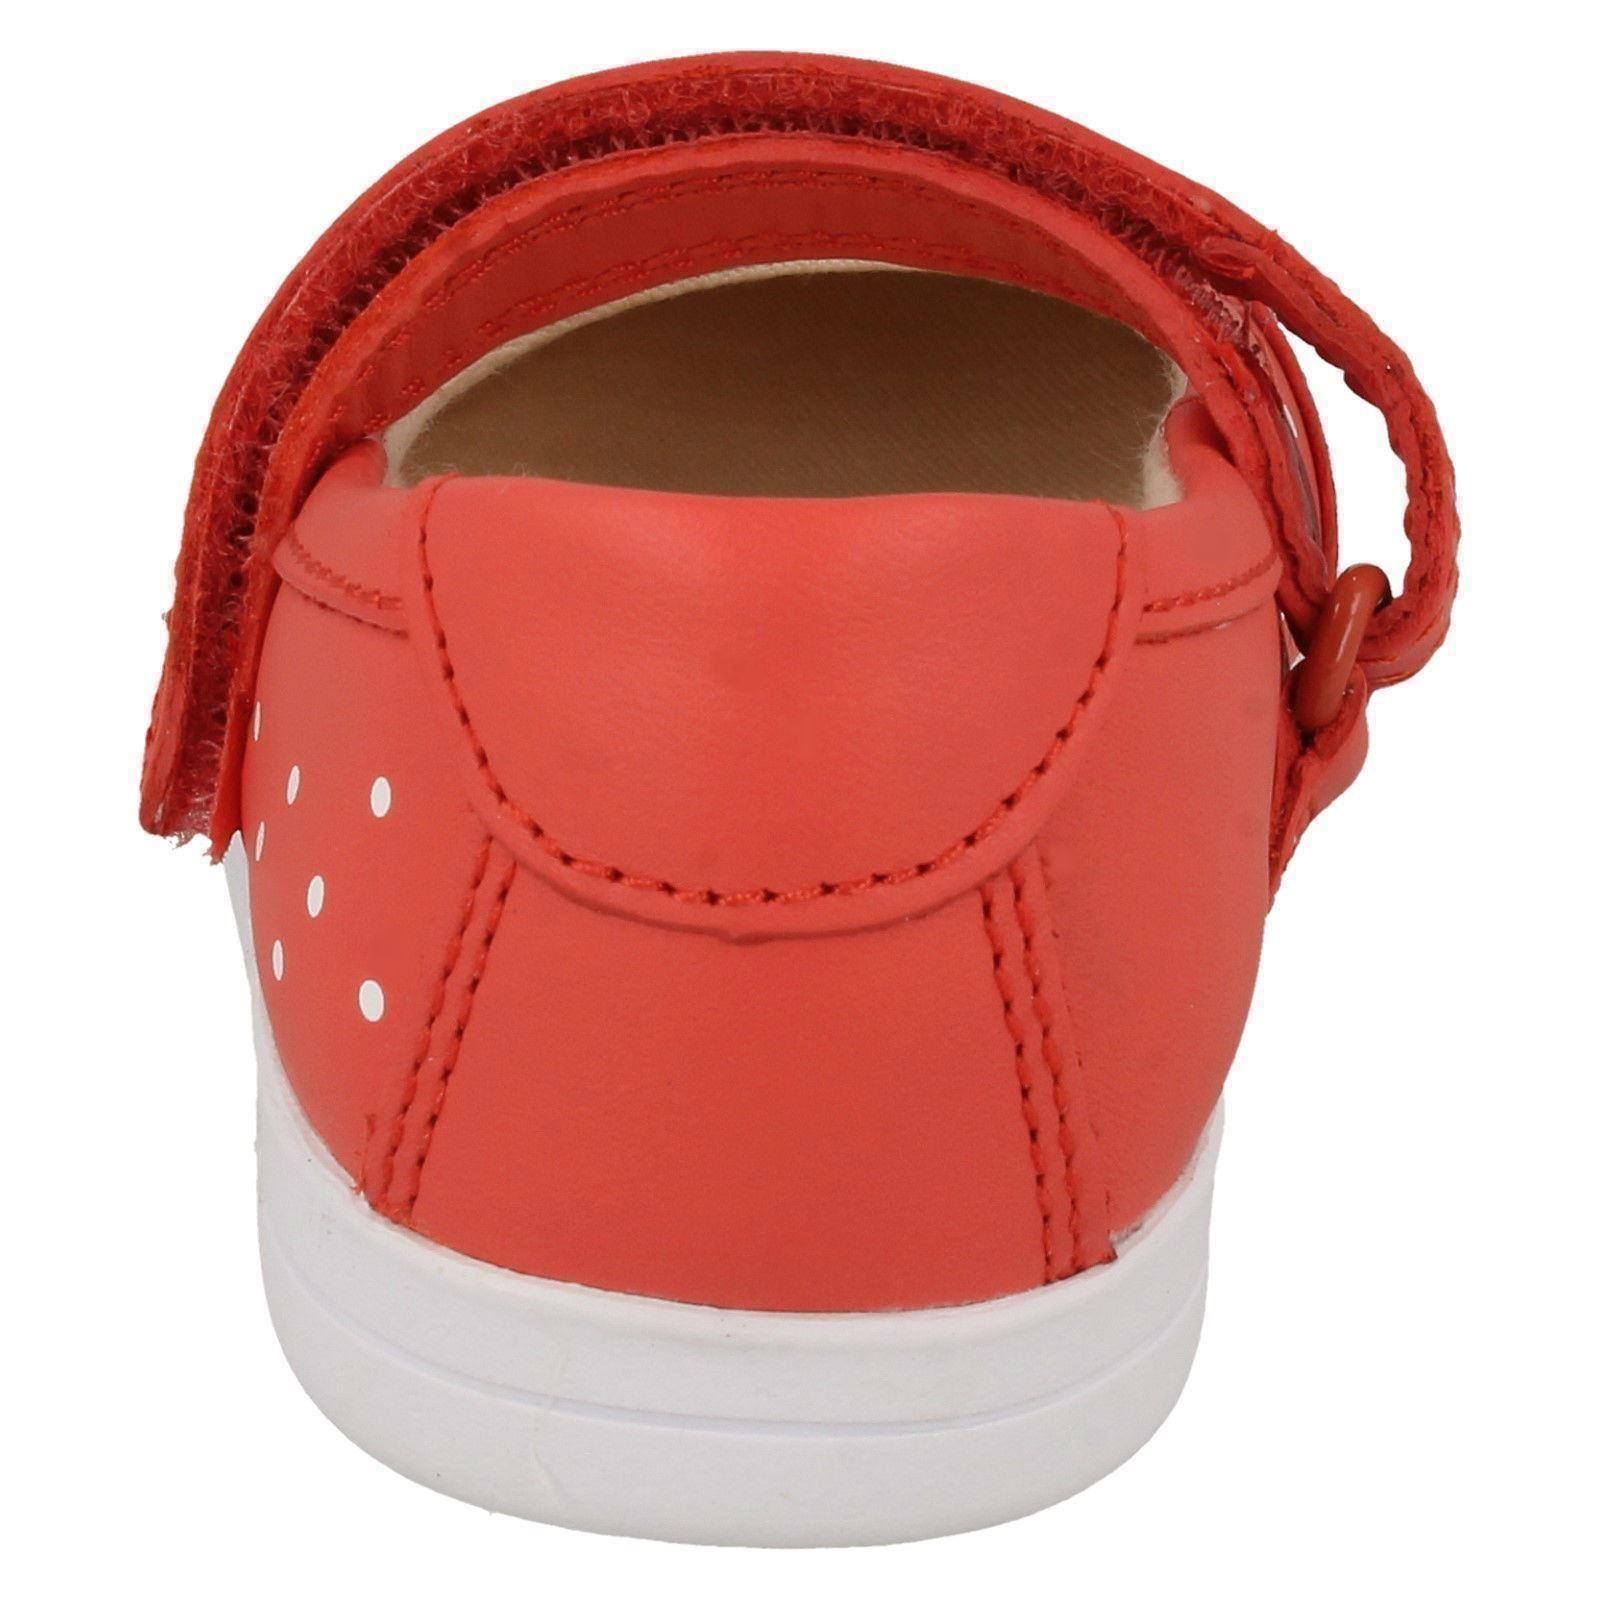 Girls Clarks Mary Jane Styled Shoes Emery Halo